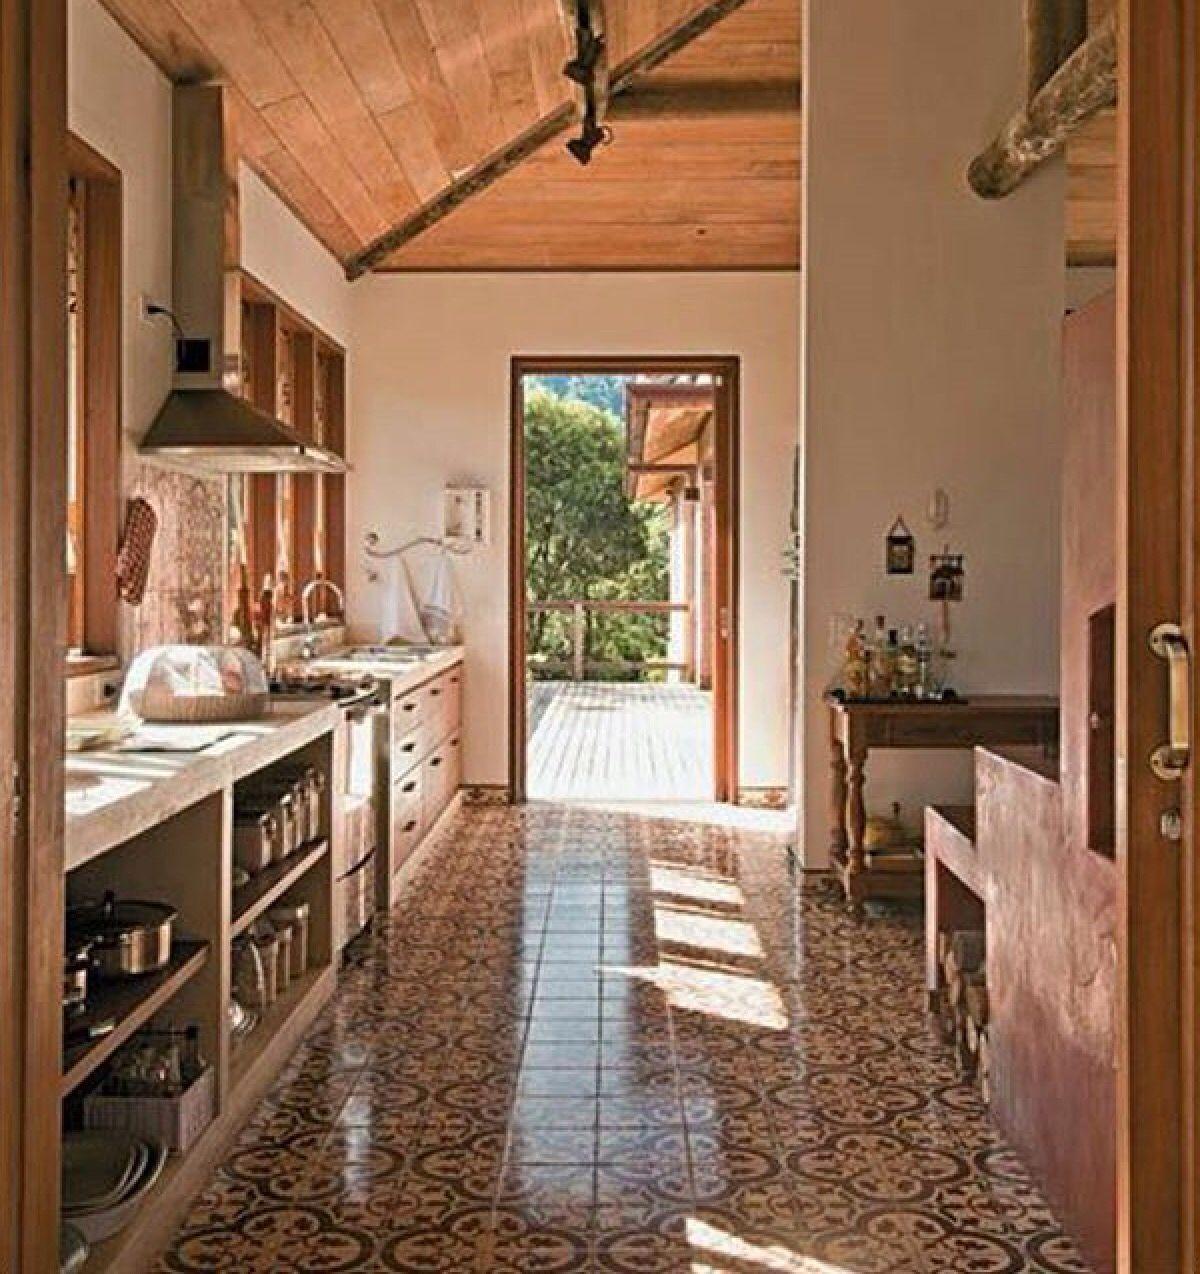 Cocina | Casas campo | Pinterest | Cocinas, Casas y Campo